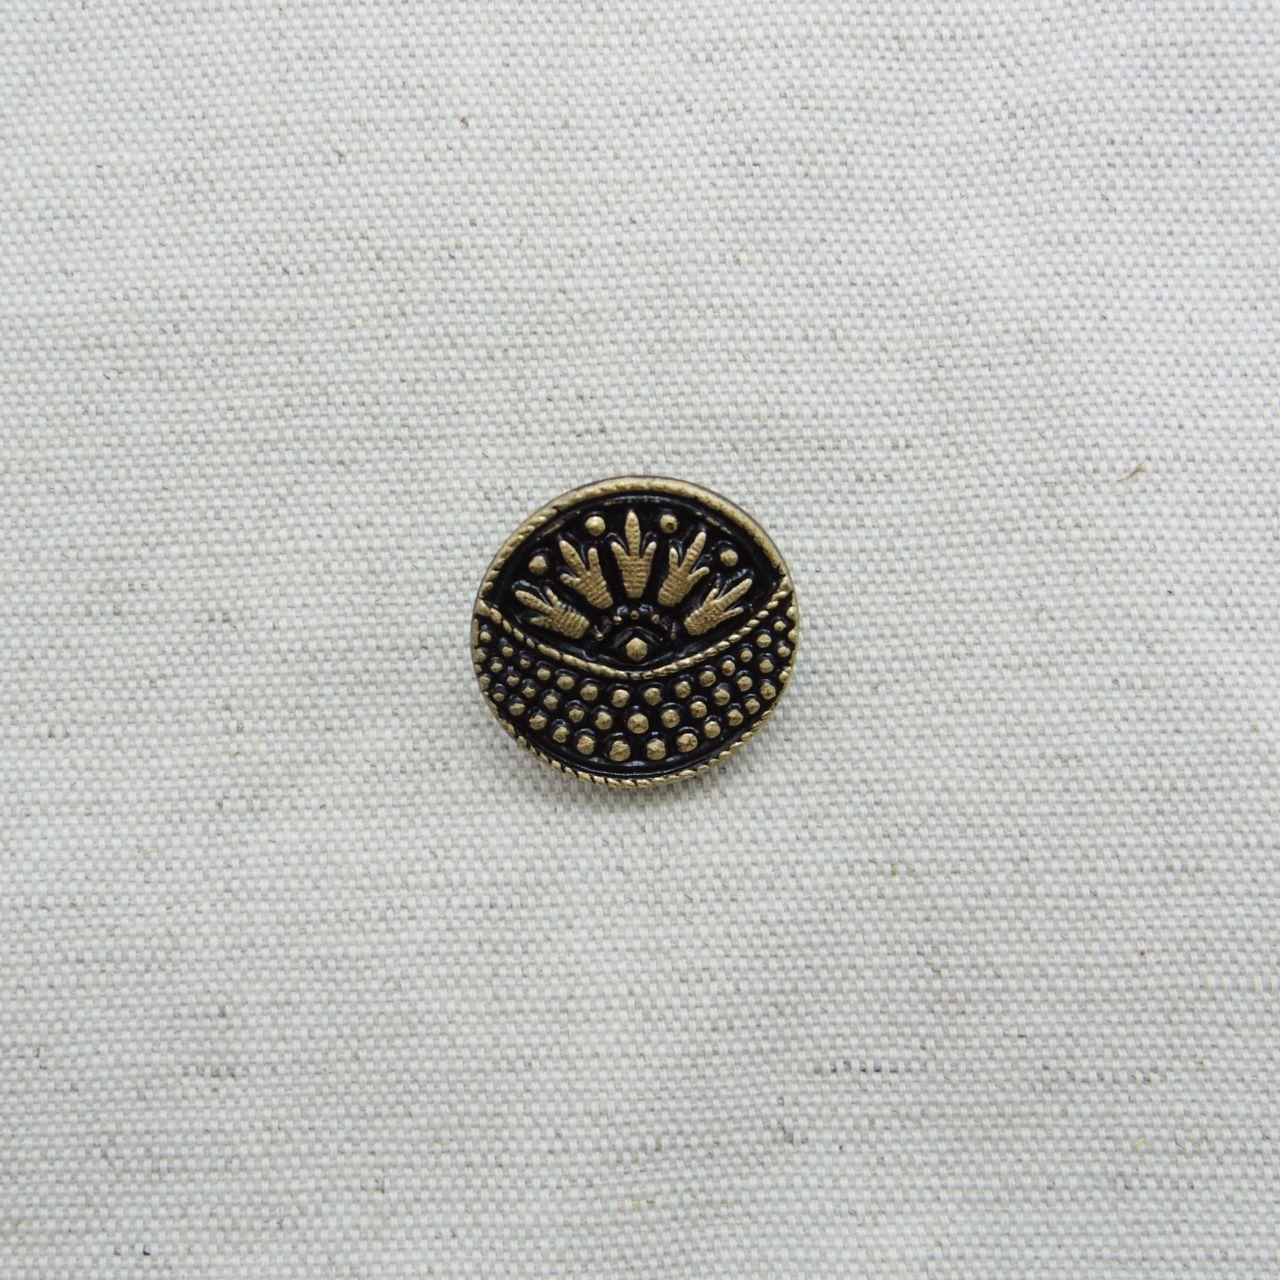 【チェコガラスボタン】フラワーバスケット・黒 ::: 中2.3cm